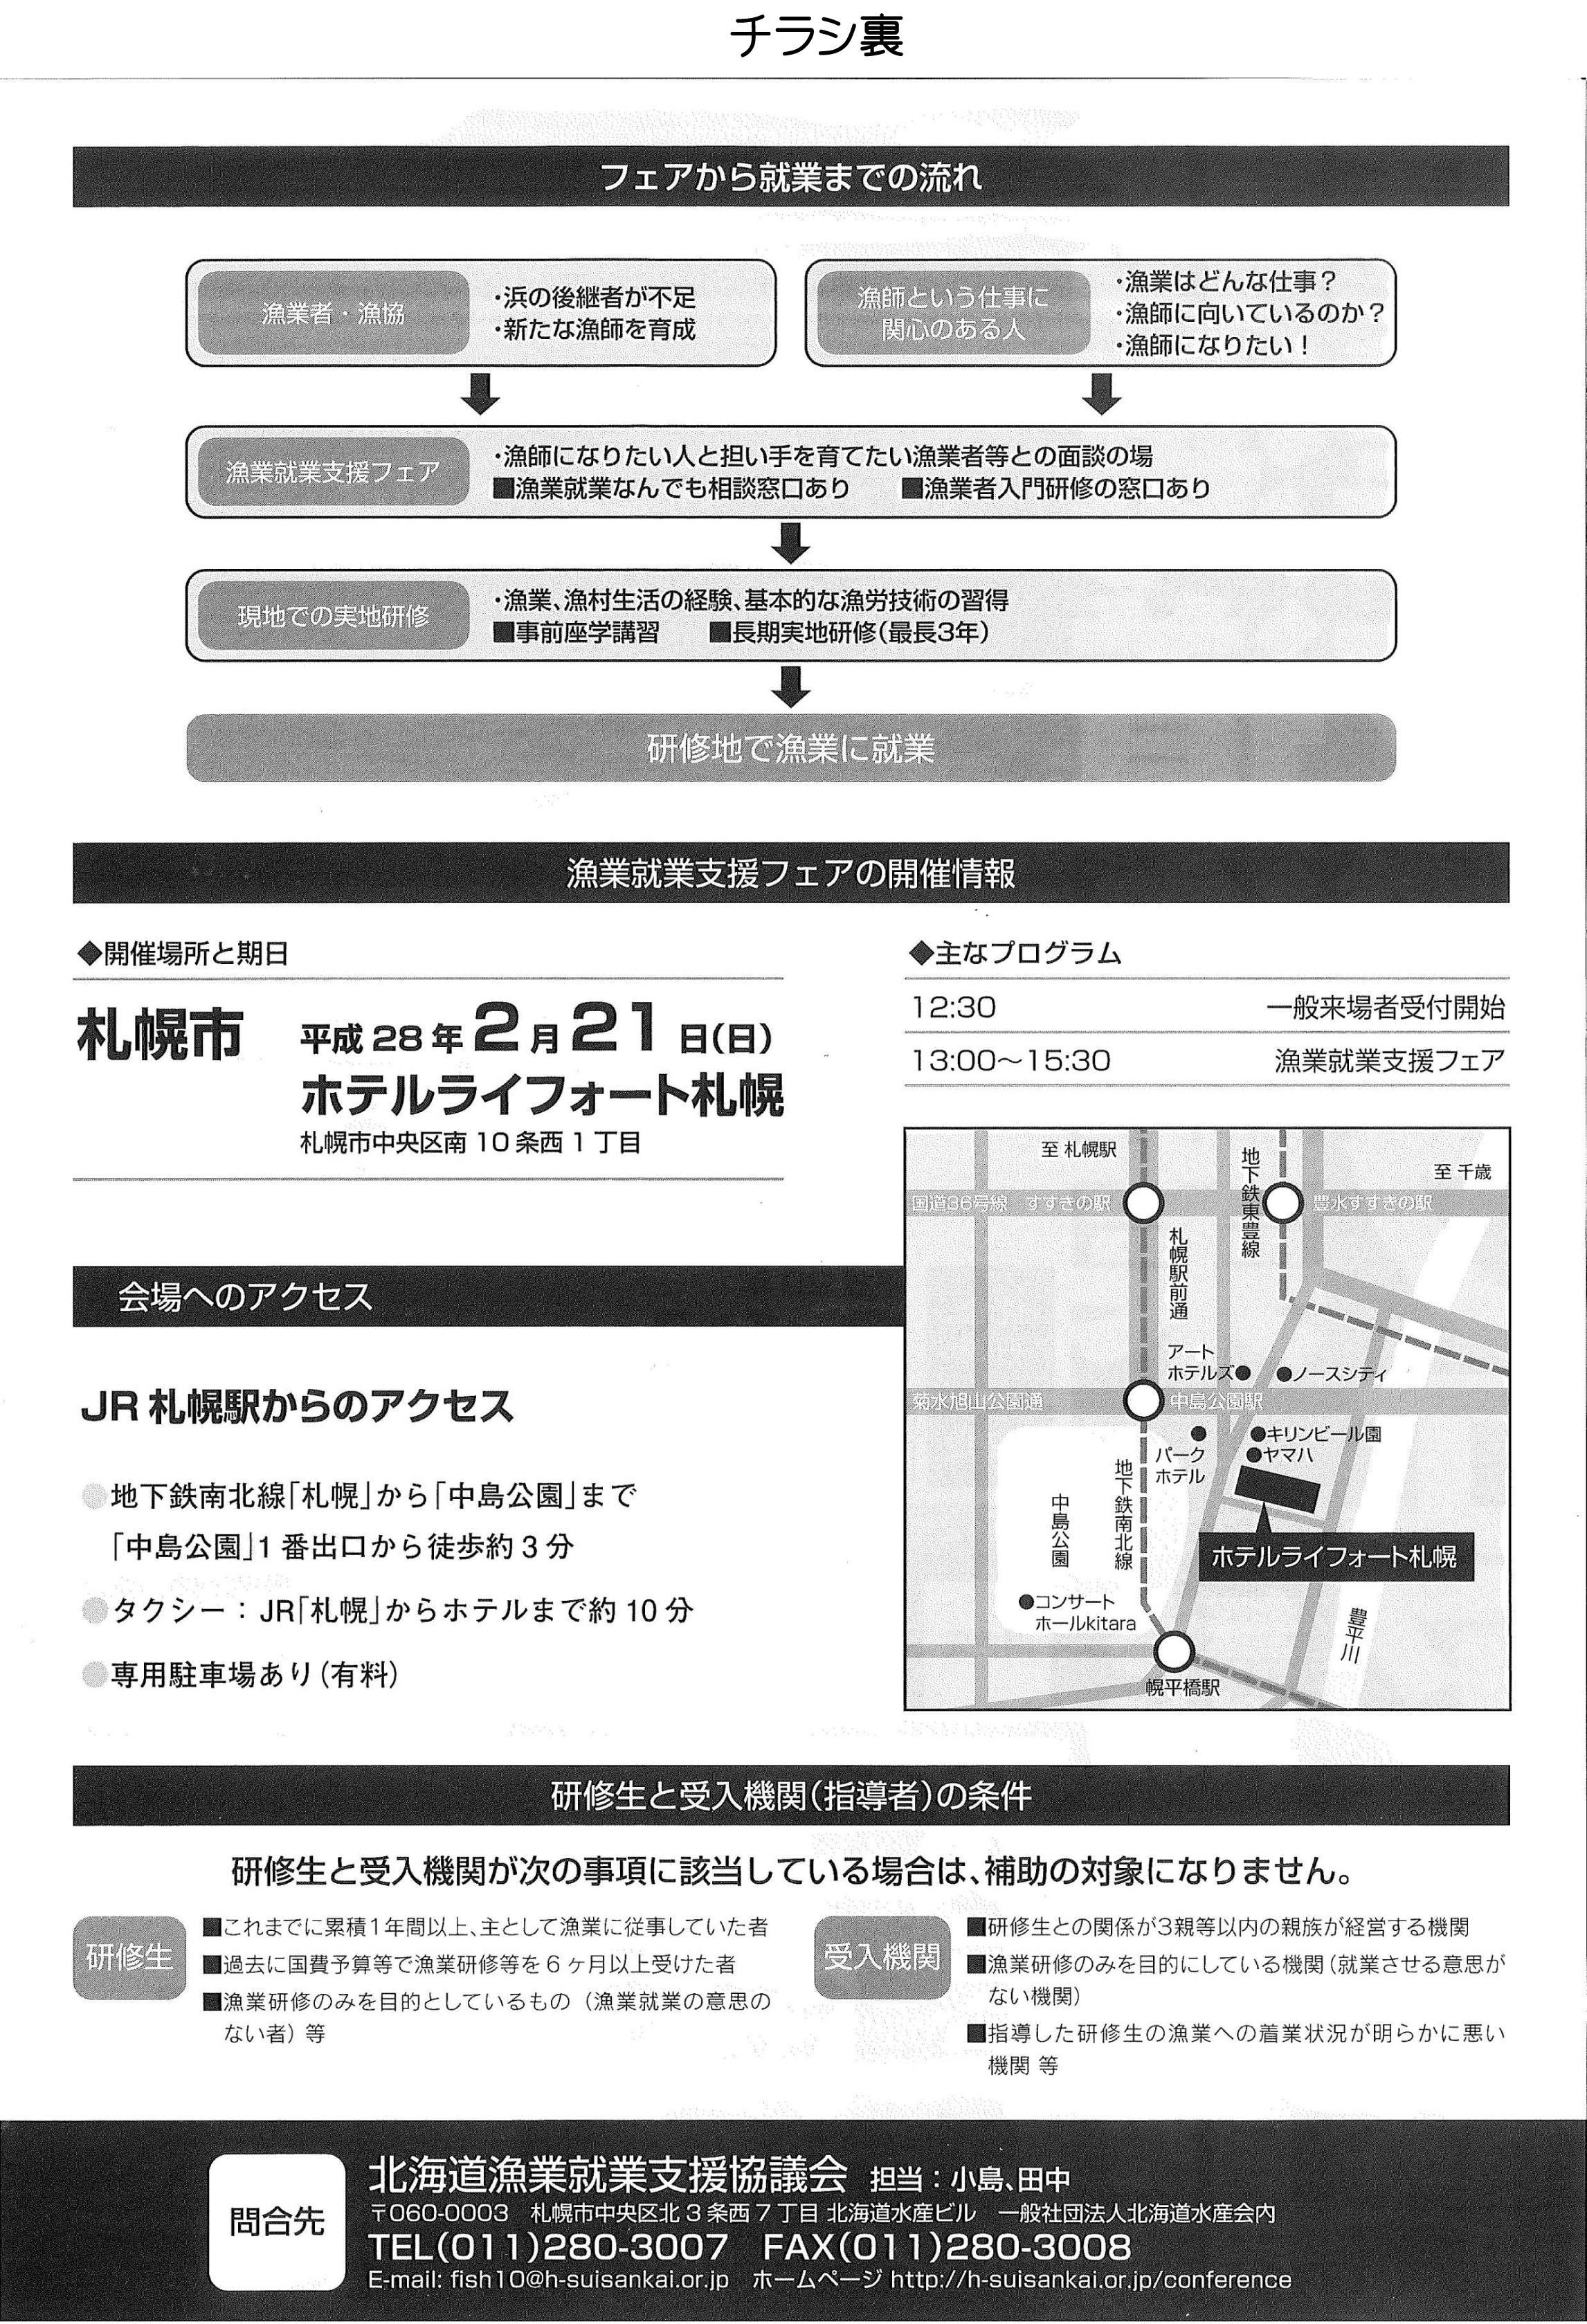 H27HP原稿(札幌2チラシ完成)-3